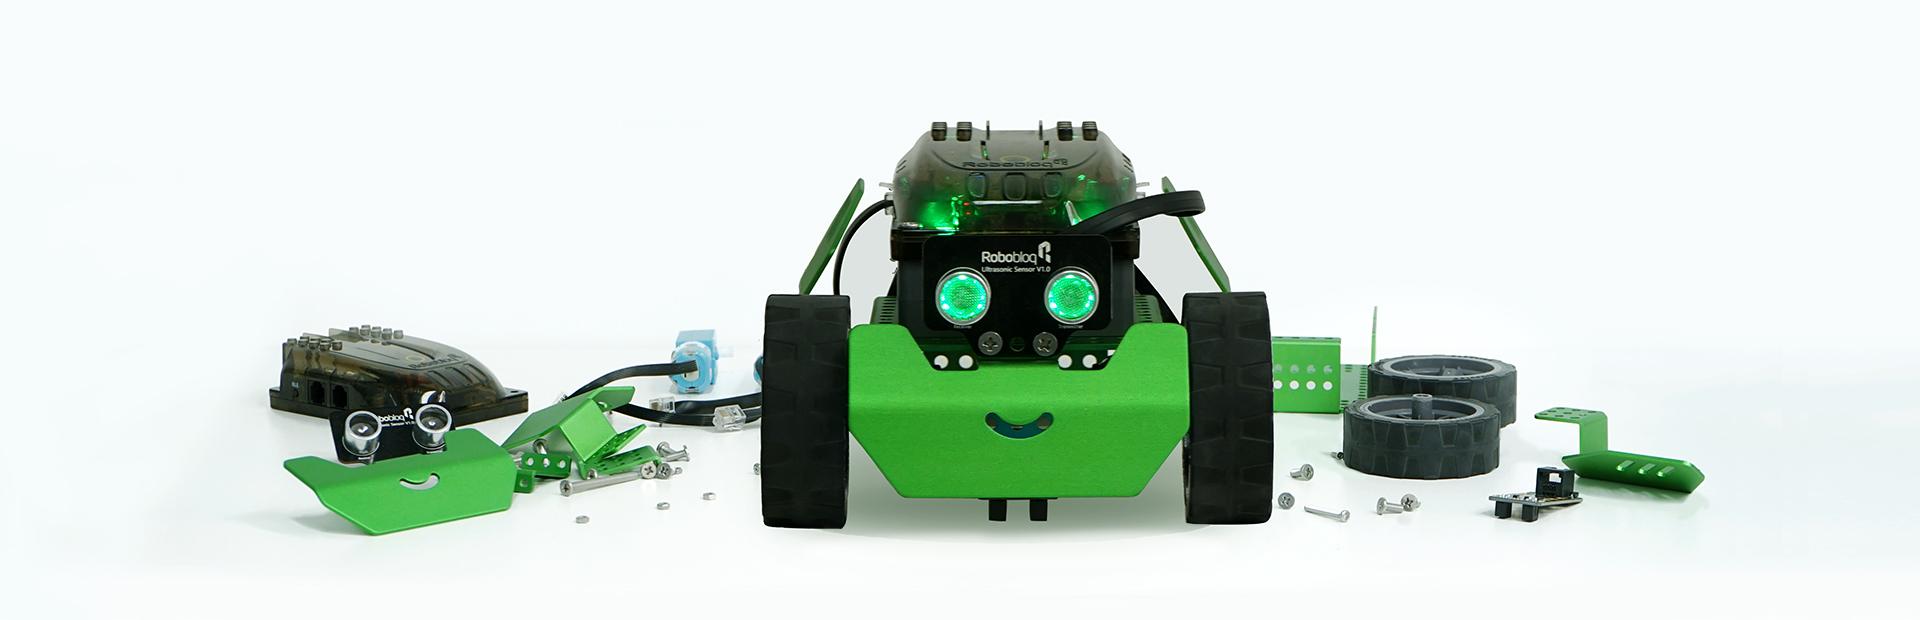 Robot Q-Scout Robobloq éducatif